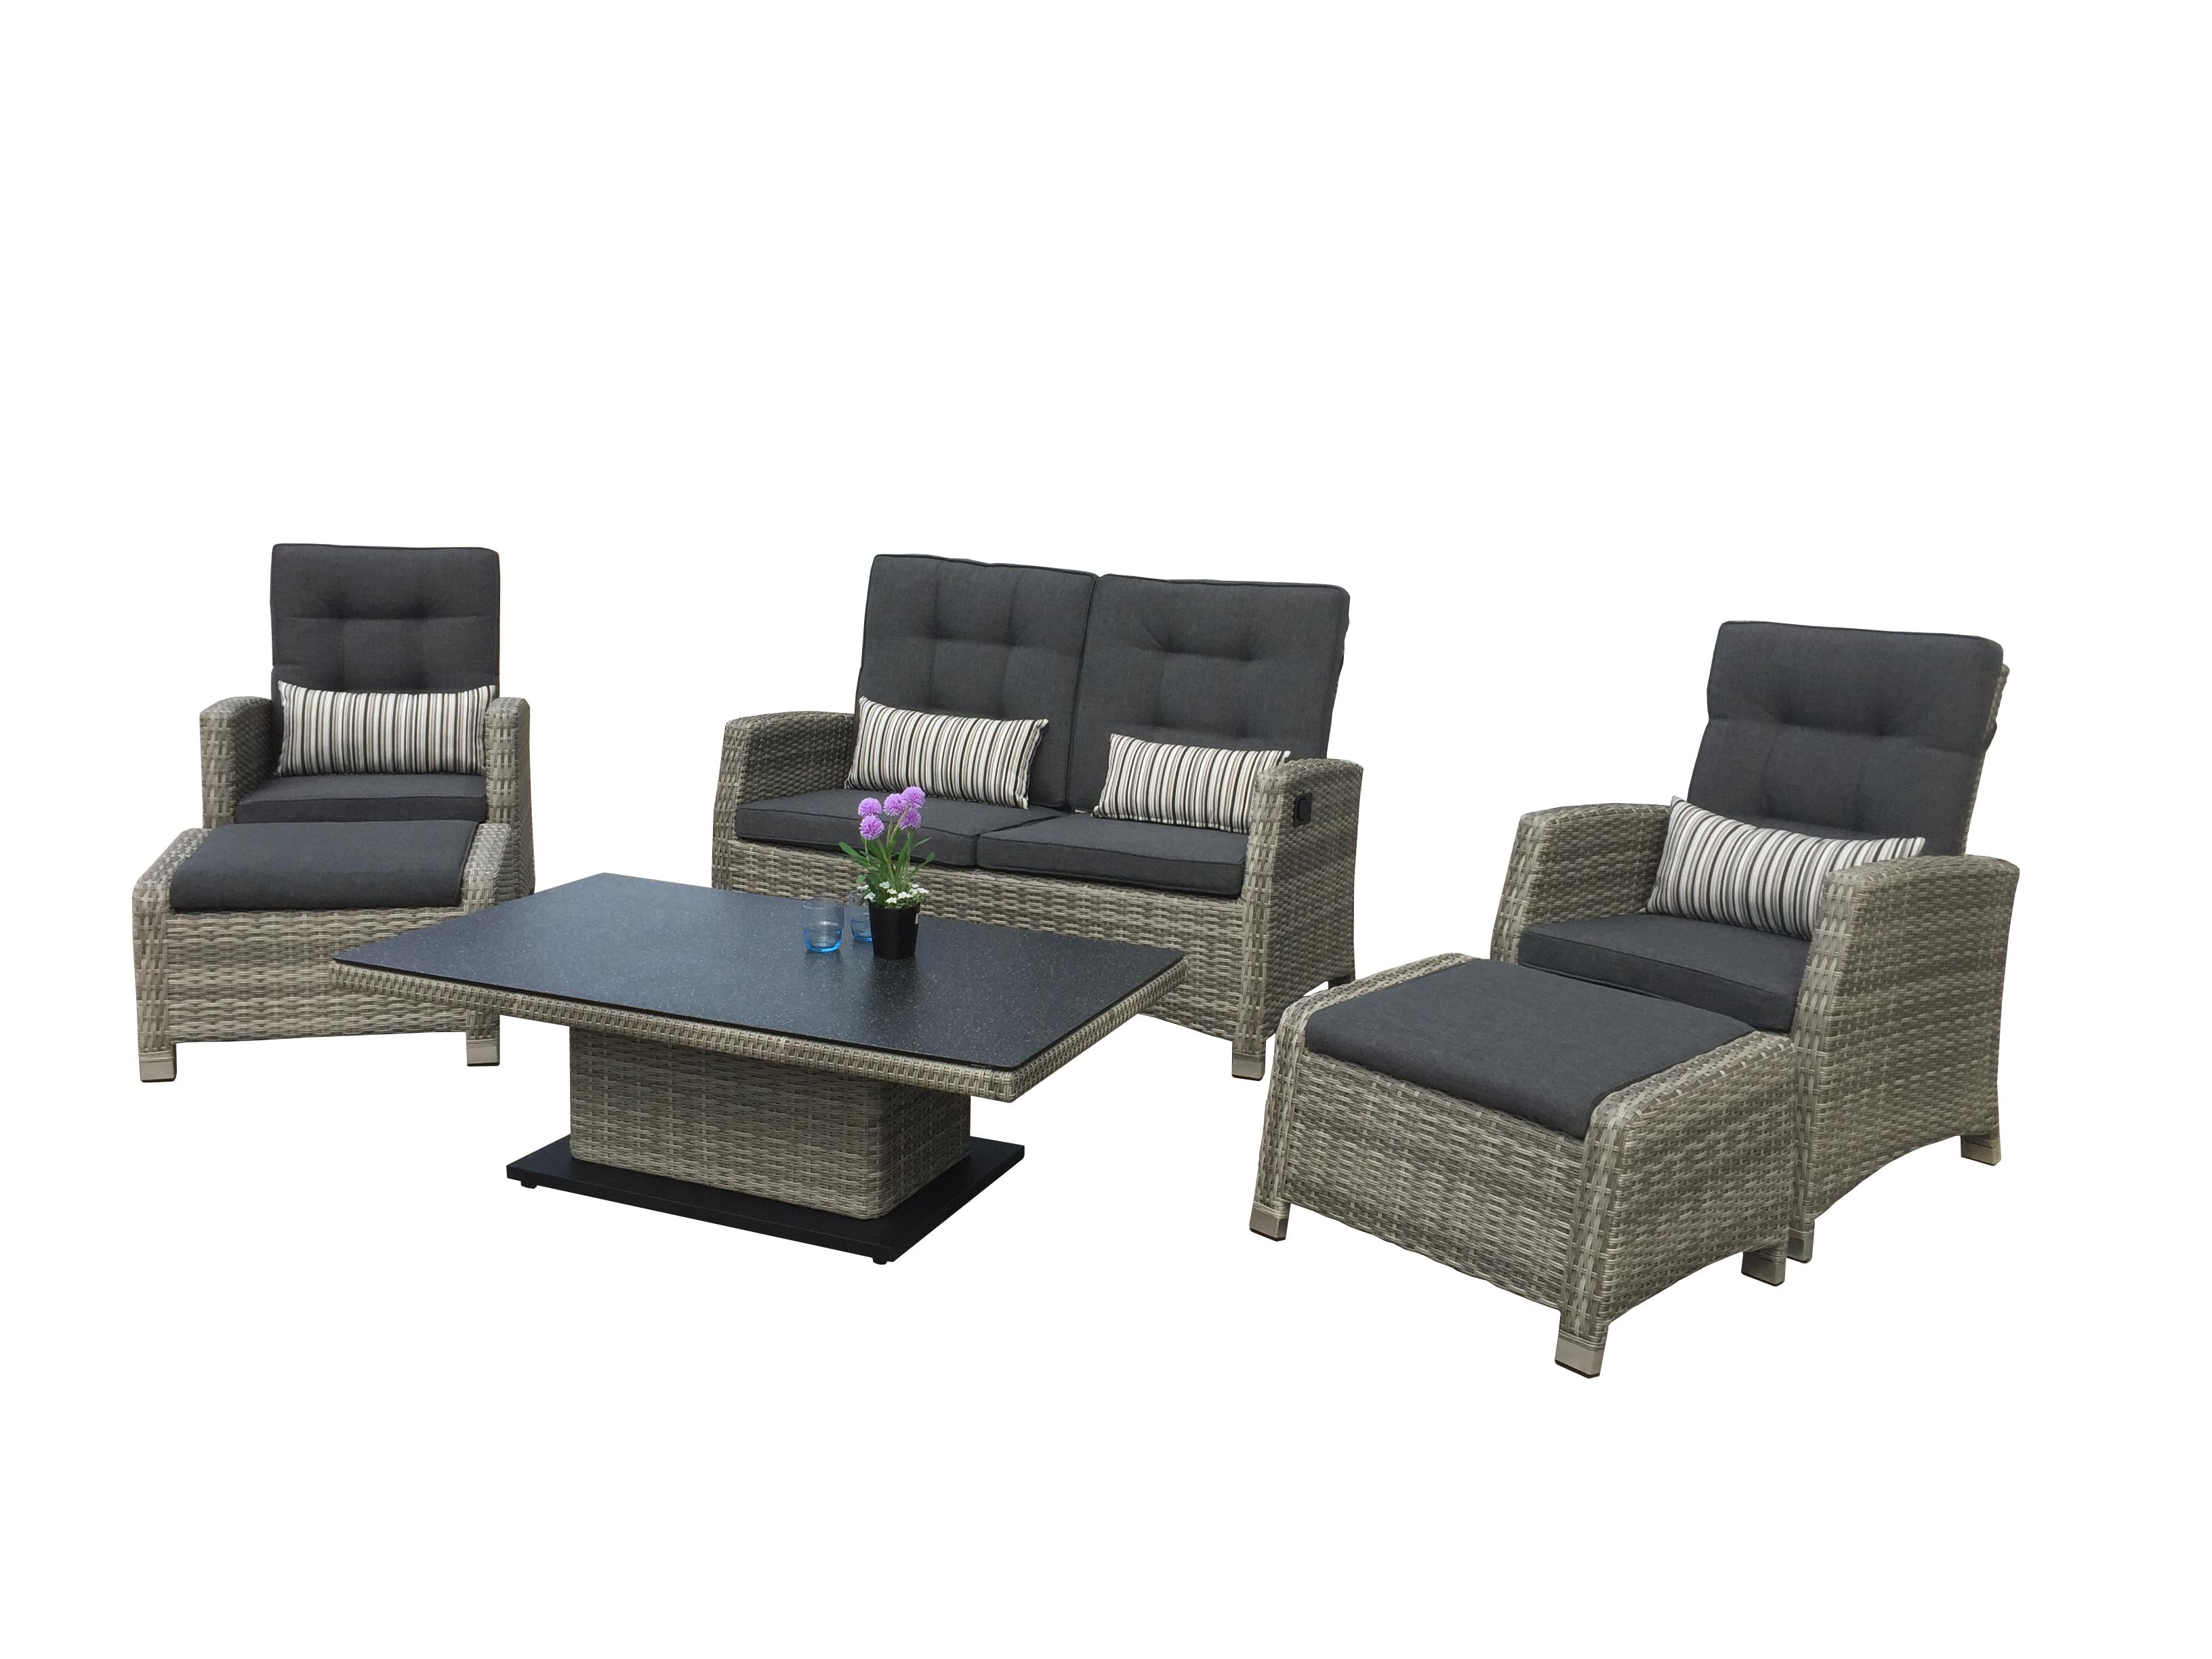 Larissa polyrattan lounge gartenm bel sitzgruppe grau for Lounge polyrattan gartenmobel